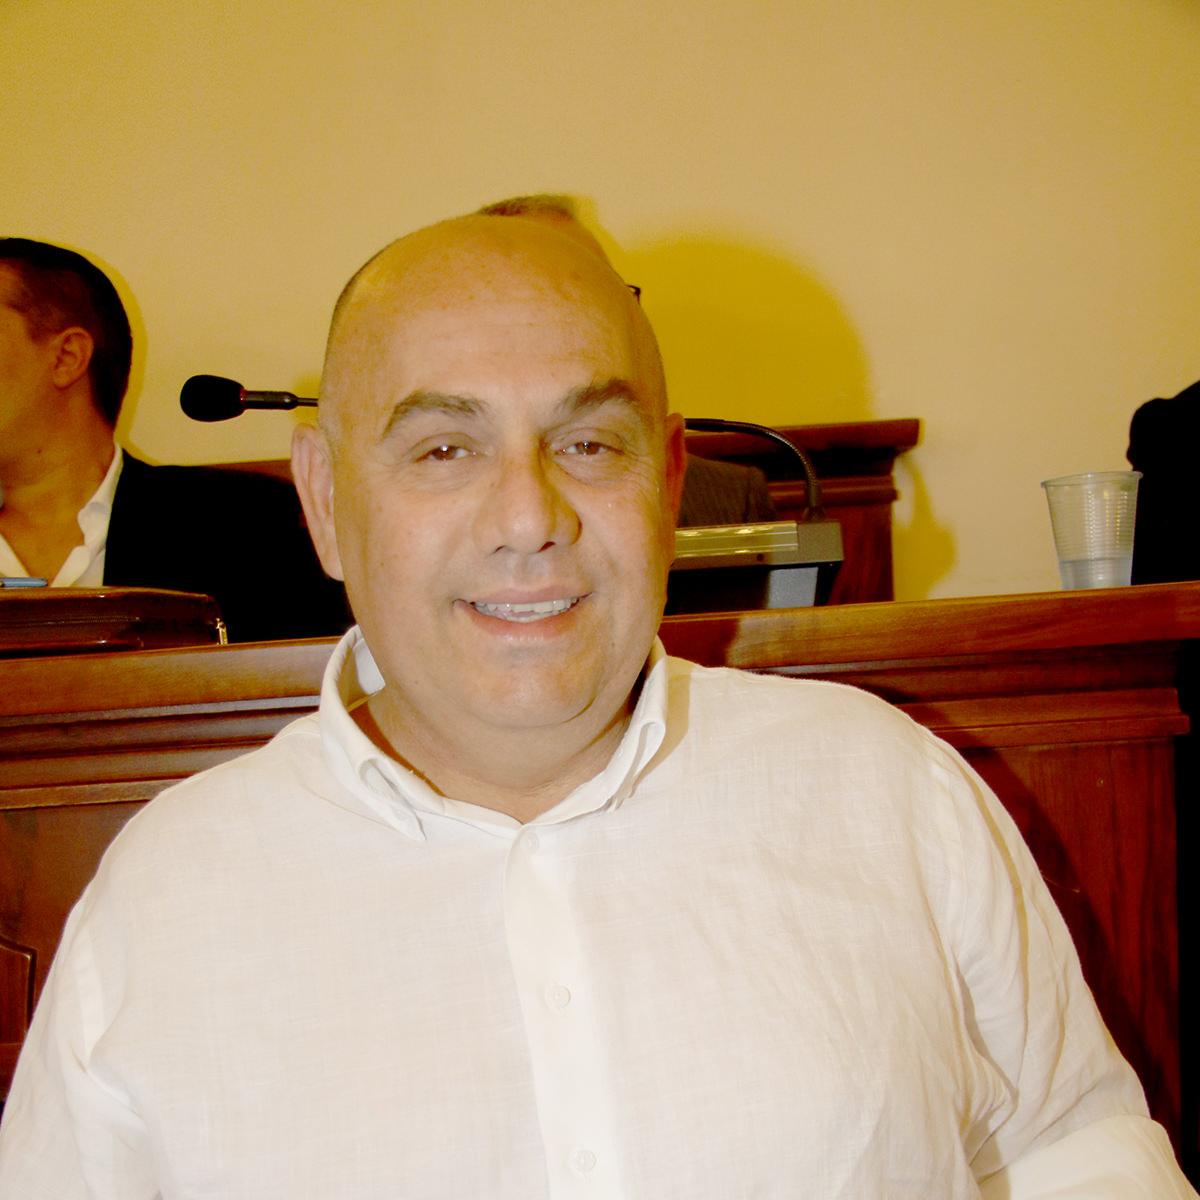 Consigliere Perugini